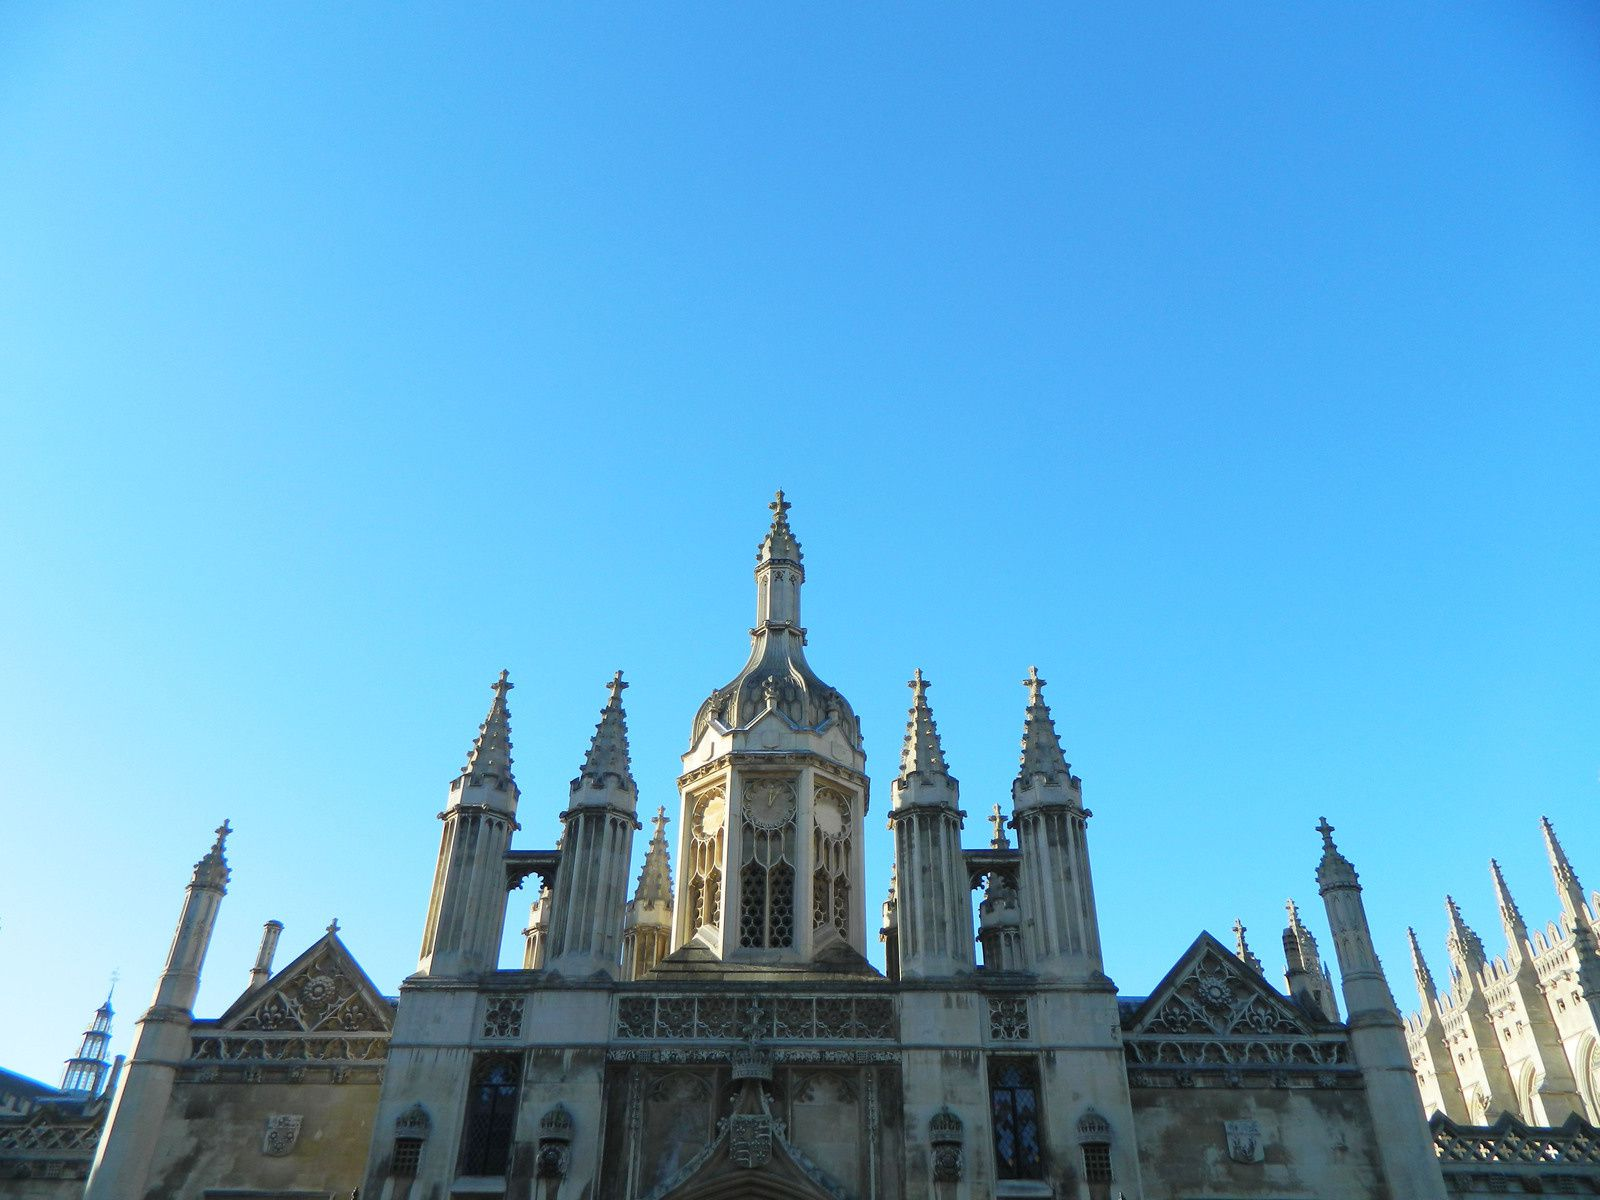 Cambridge: Architecture and Art